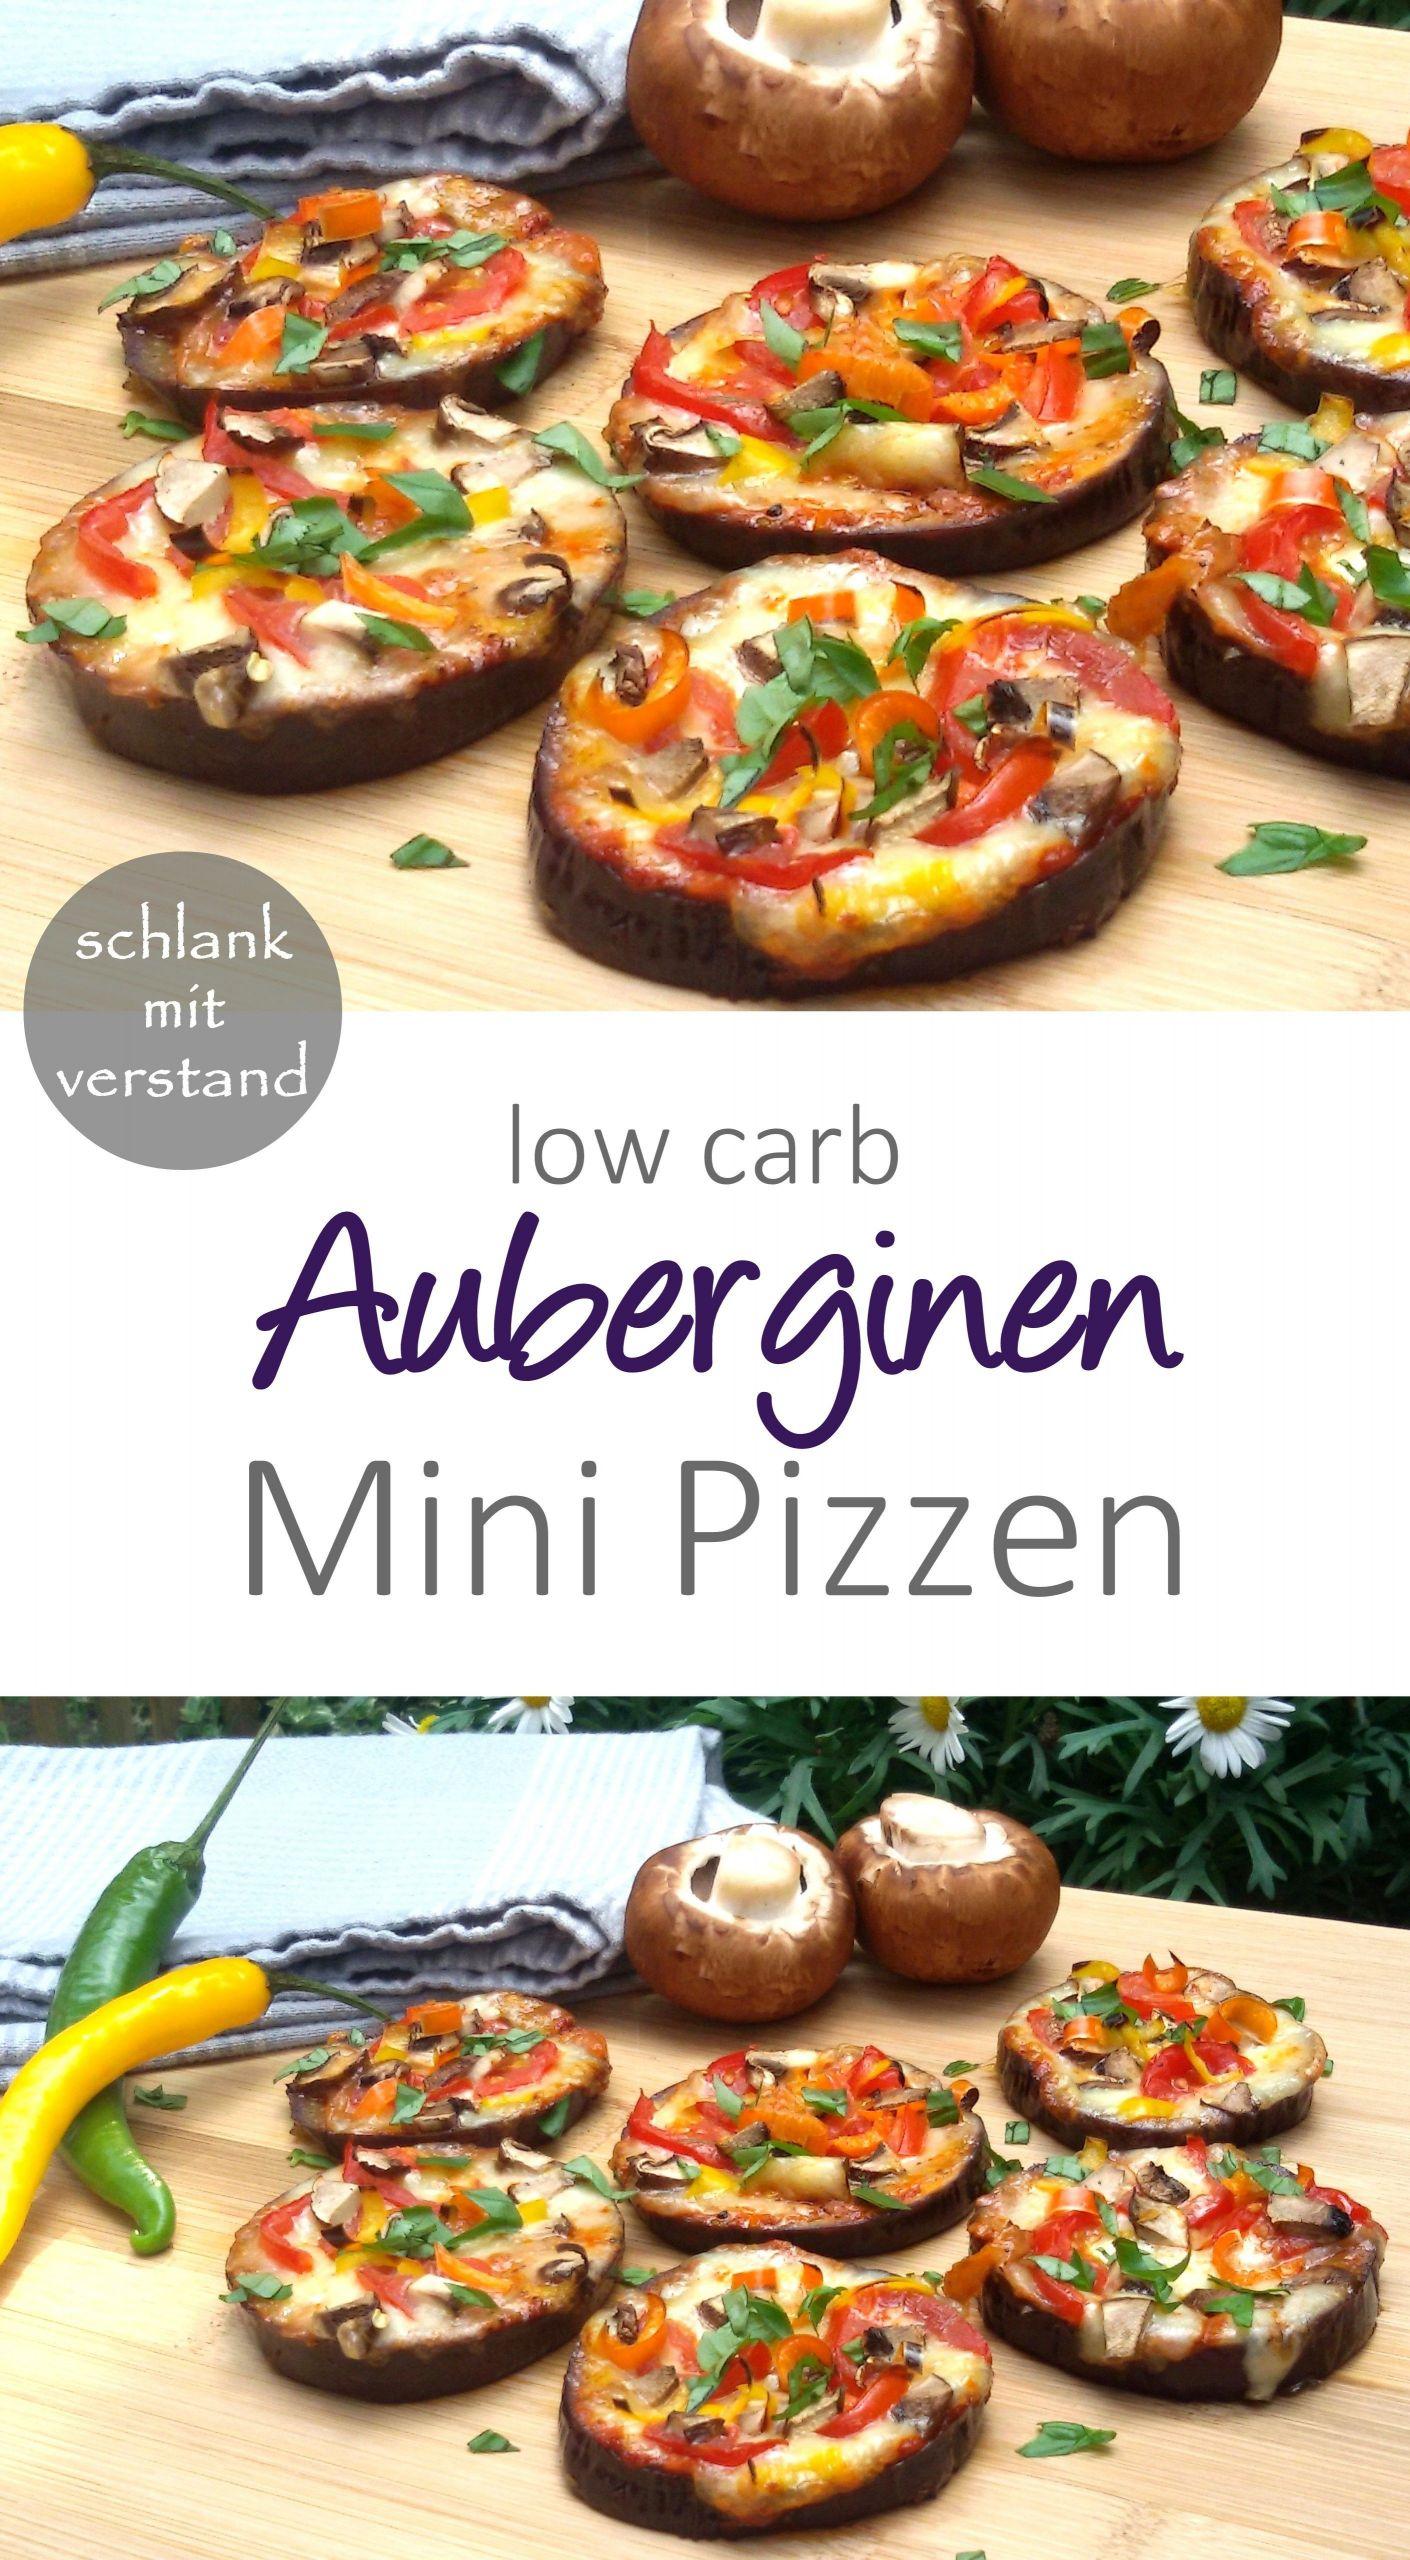 Low Carb Keto Rezepte Deutsch  low carb Auberginen Mini Pizzen